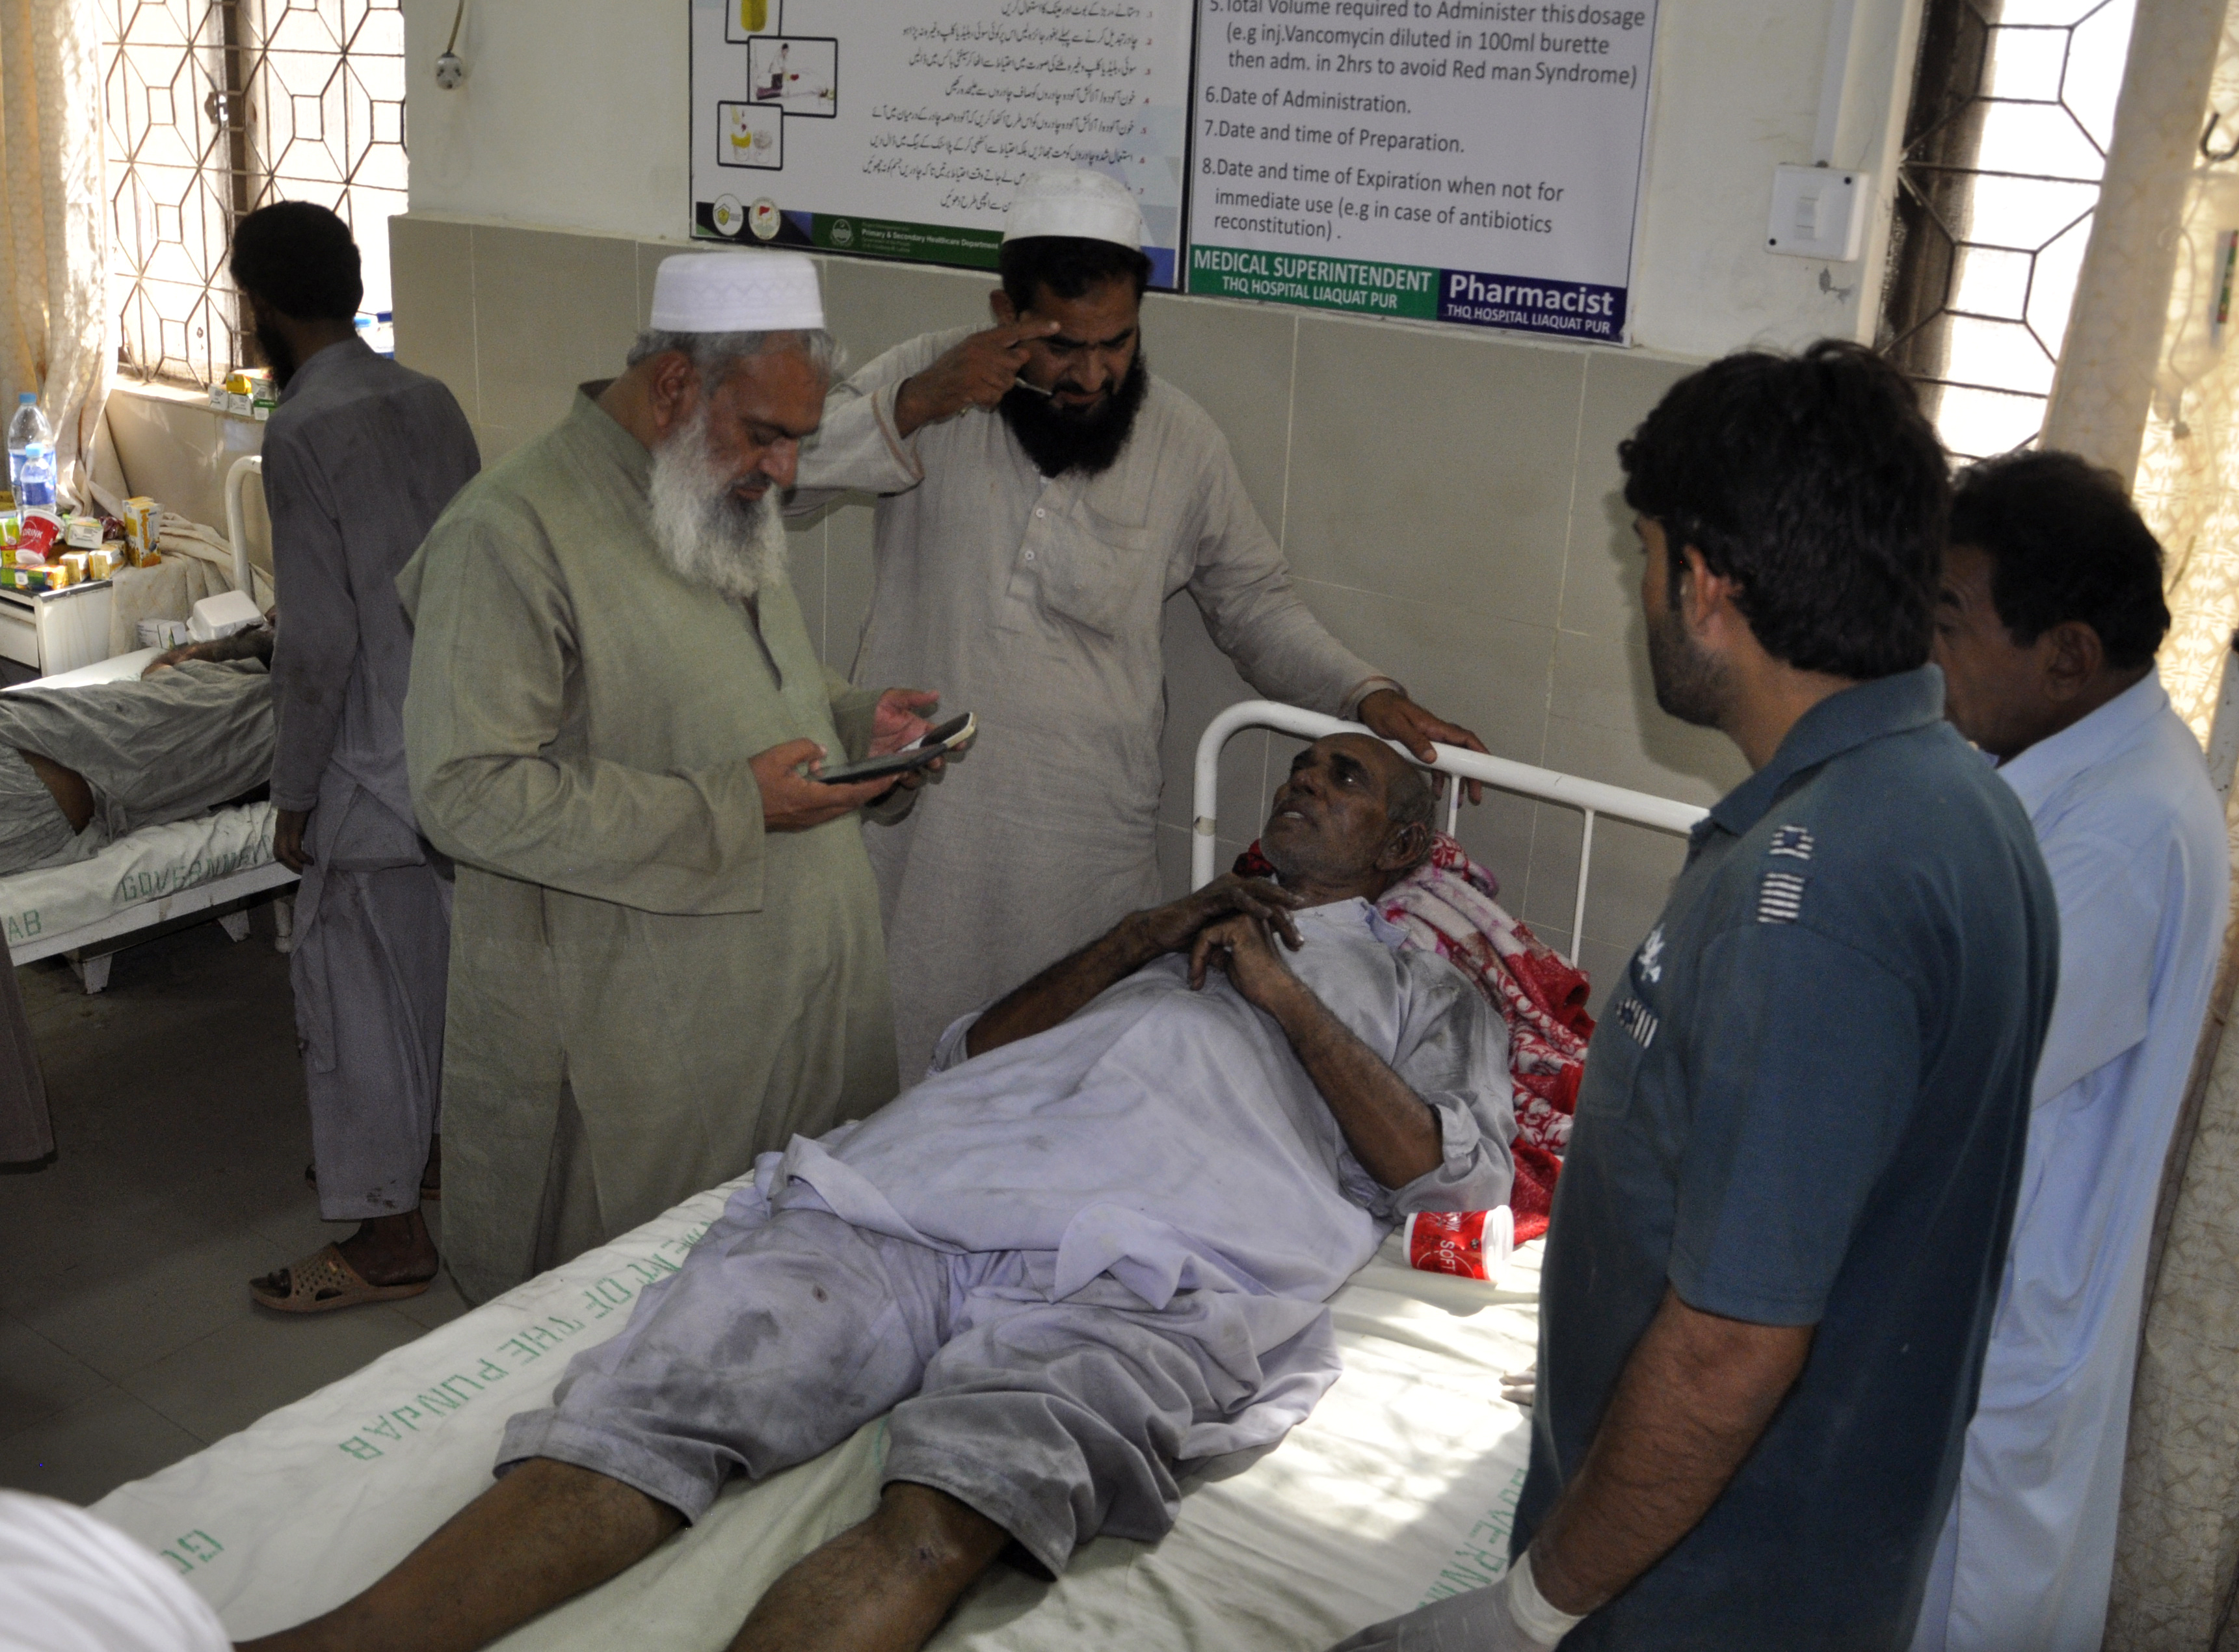 Las personas visitan a las víctimas de un incendio en un tren, en un hospital local en Liaquatpur, Pakistán. (Foto AP / Siddique Baluch)